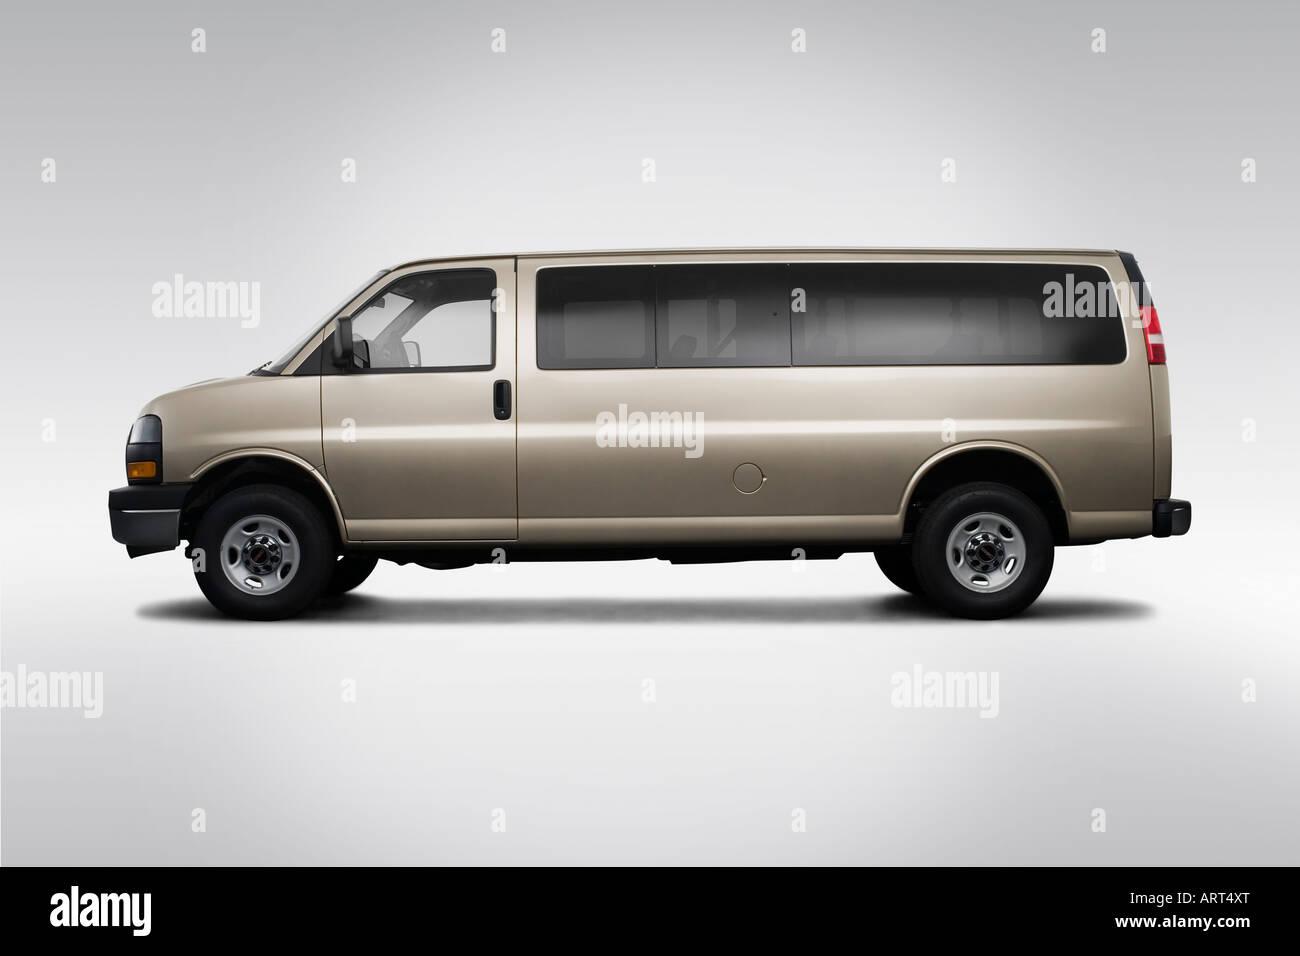 2008 gmc savana 3500 1lt in beige drivers side profile